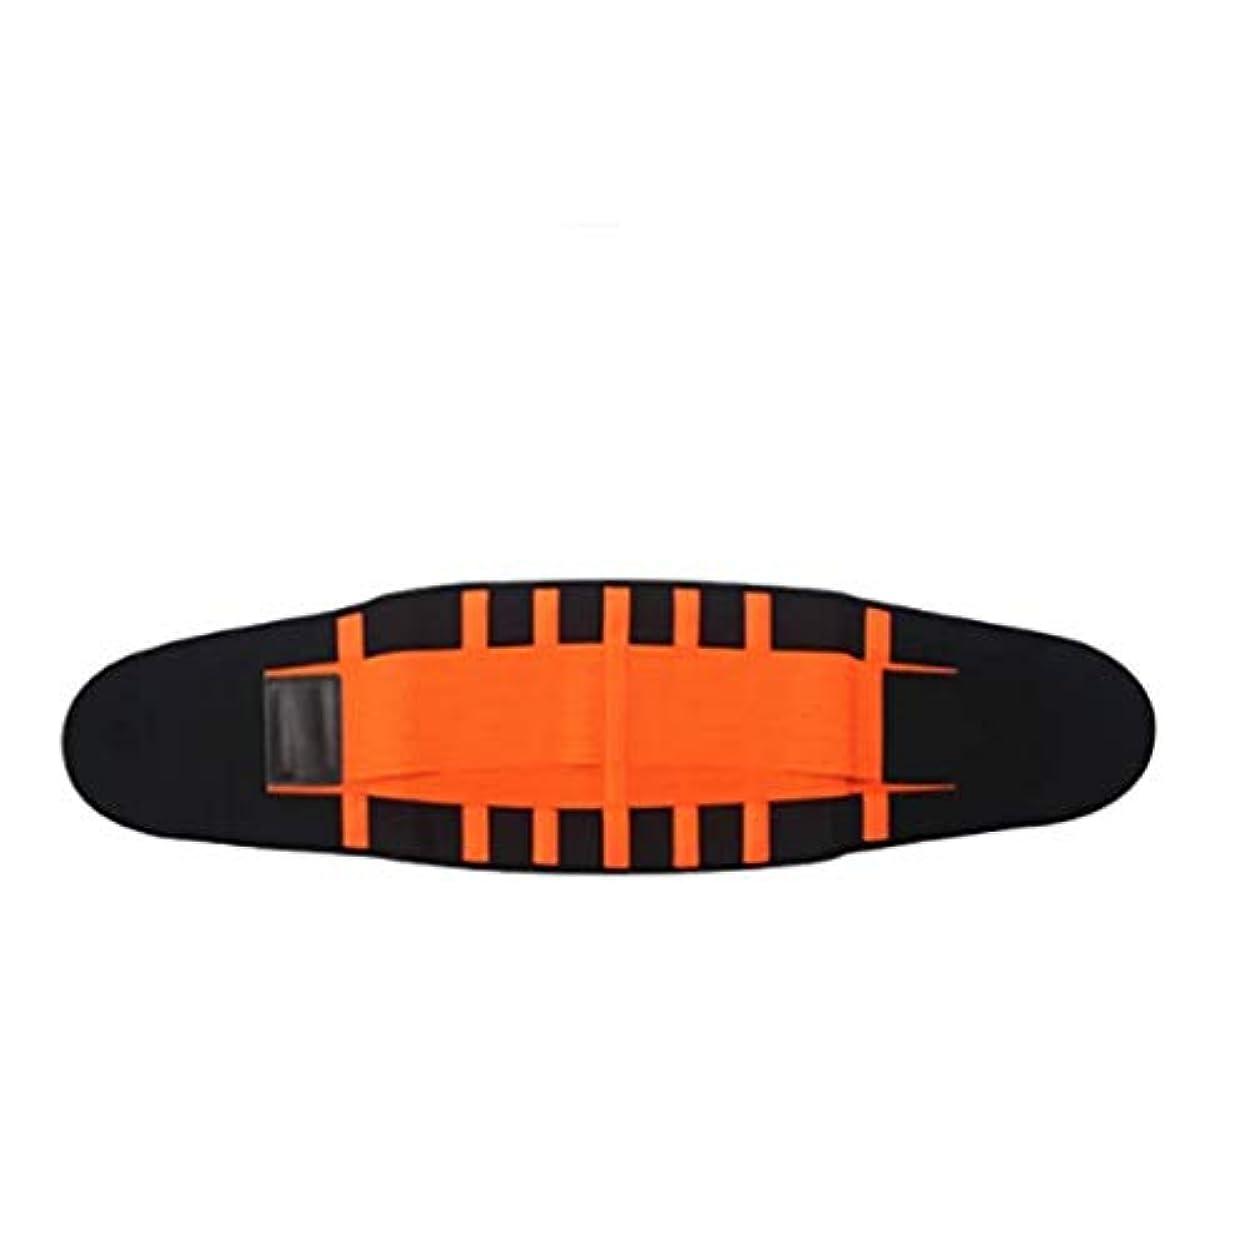 脈拍ゴミ箱を空にする統計的フィットネスベルト、ウエストベルト、椎間板腰椎筋肉の緊張、コールド、腹部暖かいウエスト、ウエストの保護、腹部ベルト、産後/スポーツ/フィットネス (Size : XL)